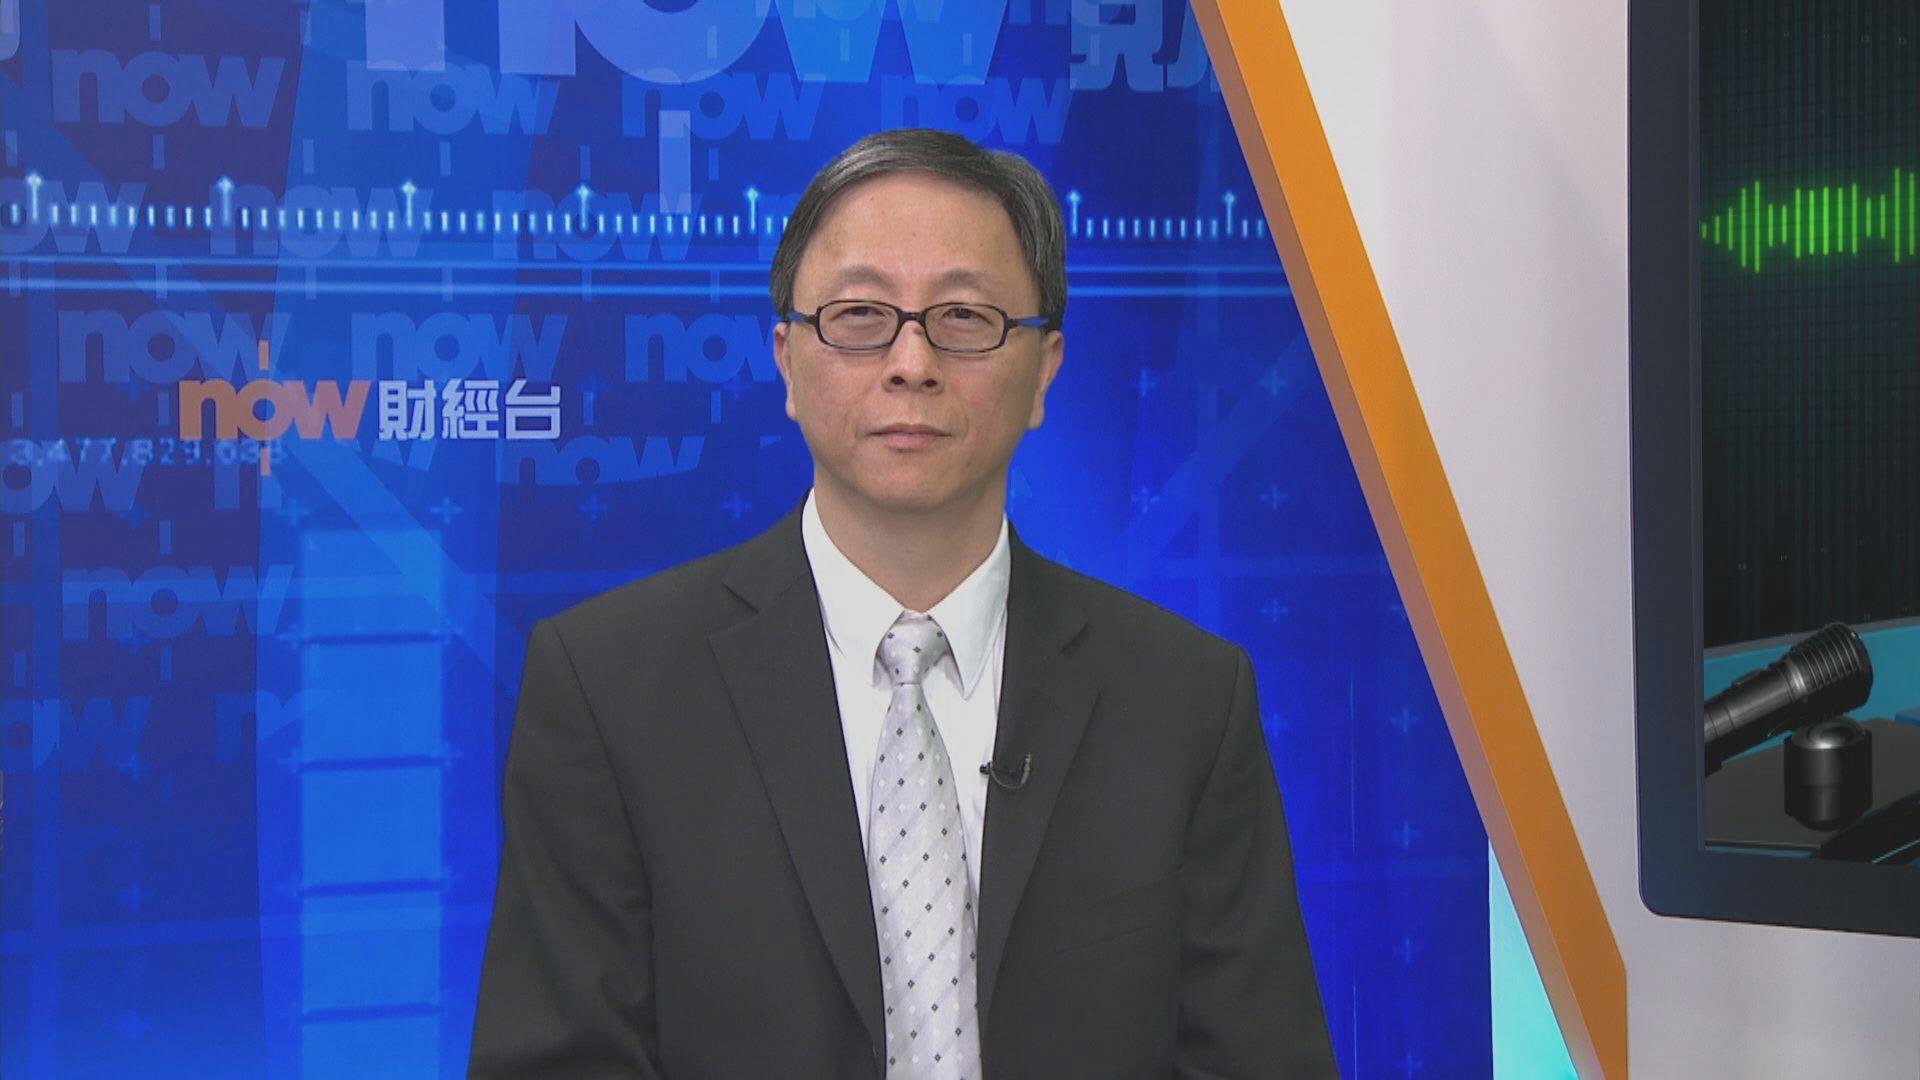 何栢良 : 關閉有風險場所 疫情才可穩定下來